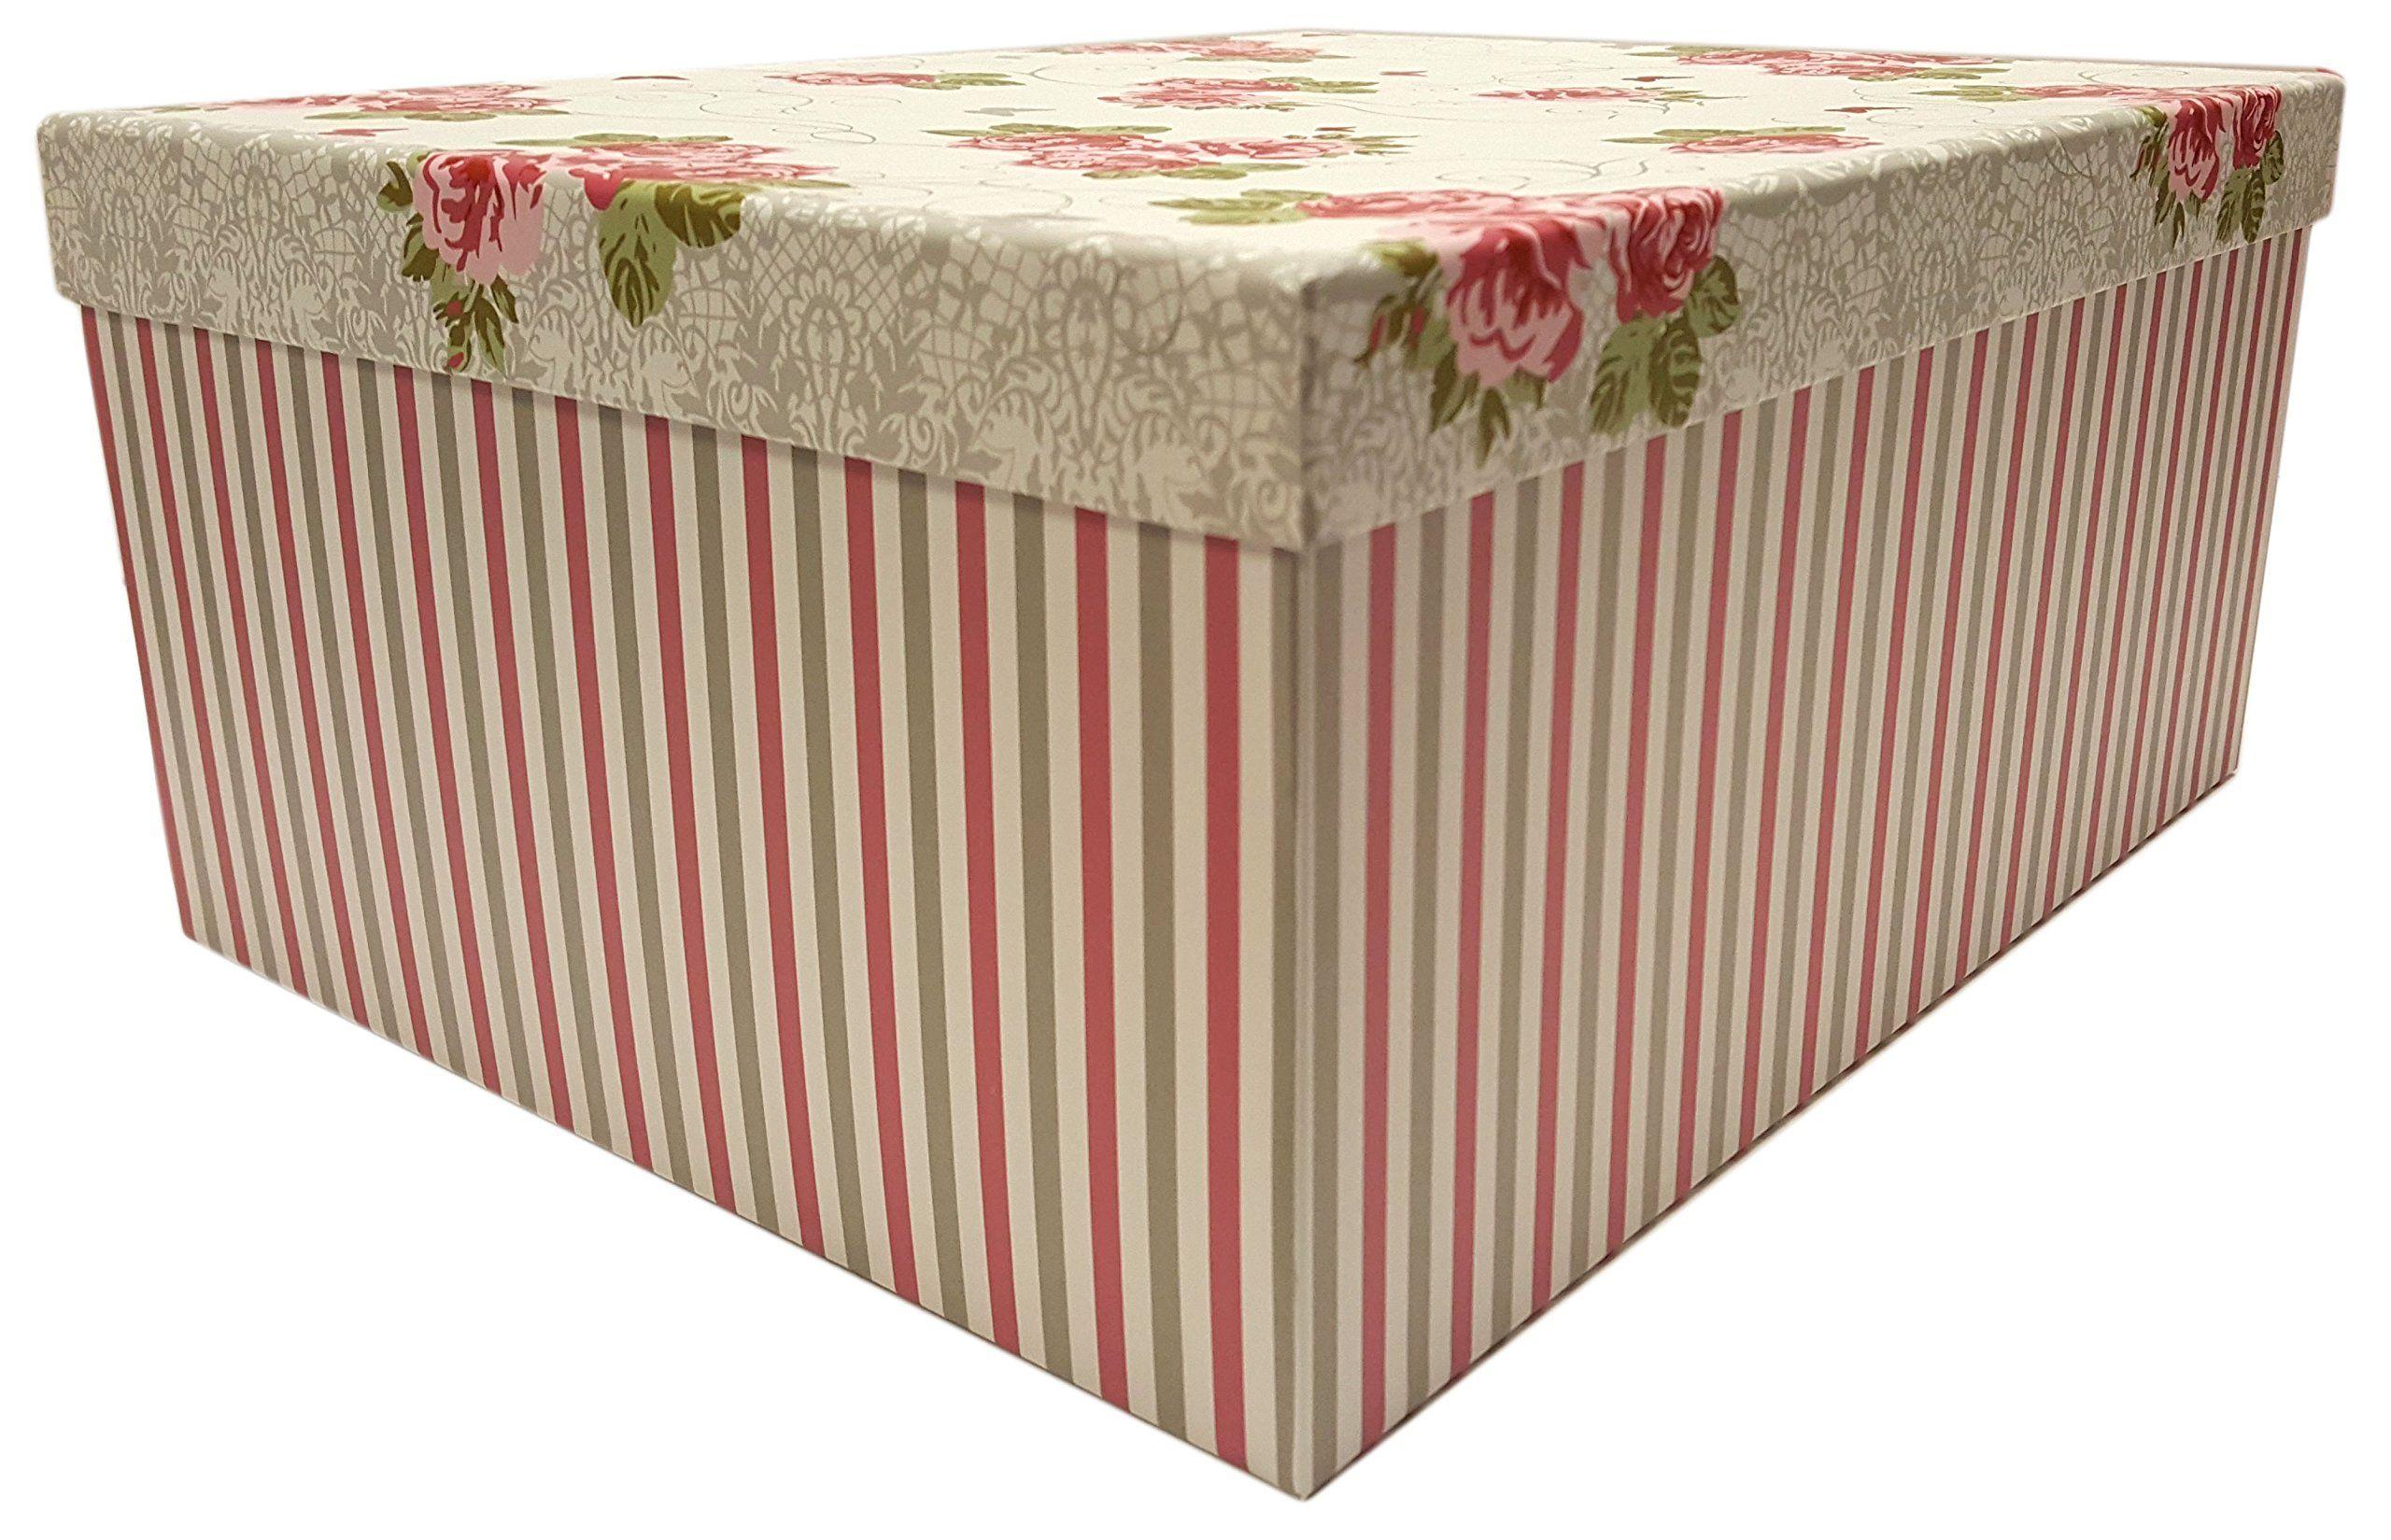 Alef Elegant Decorative Themed Extra Large Nesting Gift Boxes 6